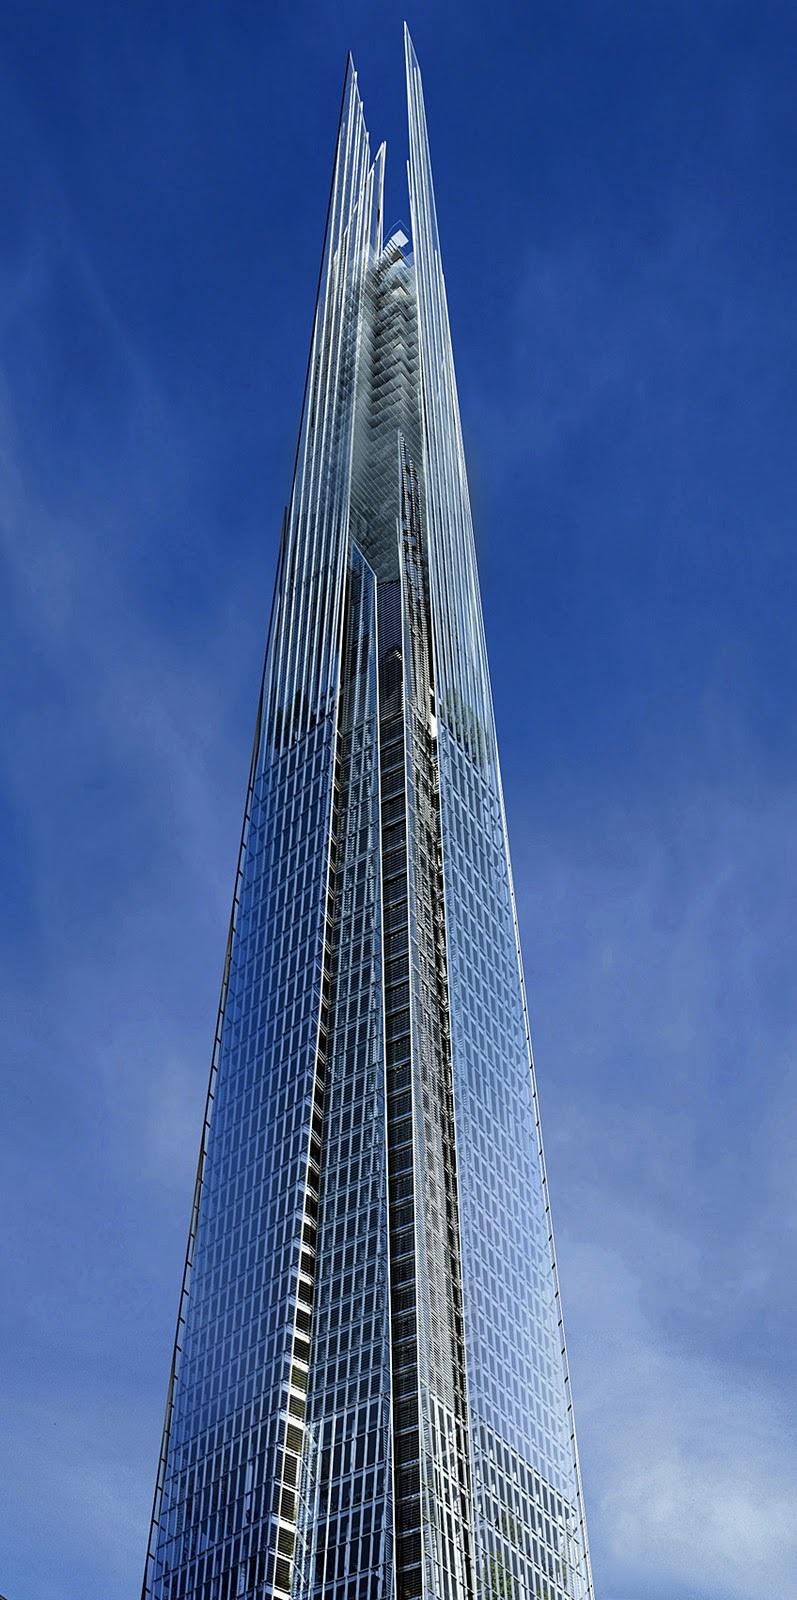 Tour shard londres le plus haut gratte ciel d 39 europe for Hotel de ville de londres architecture